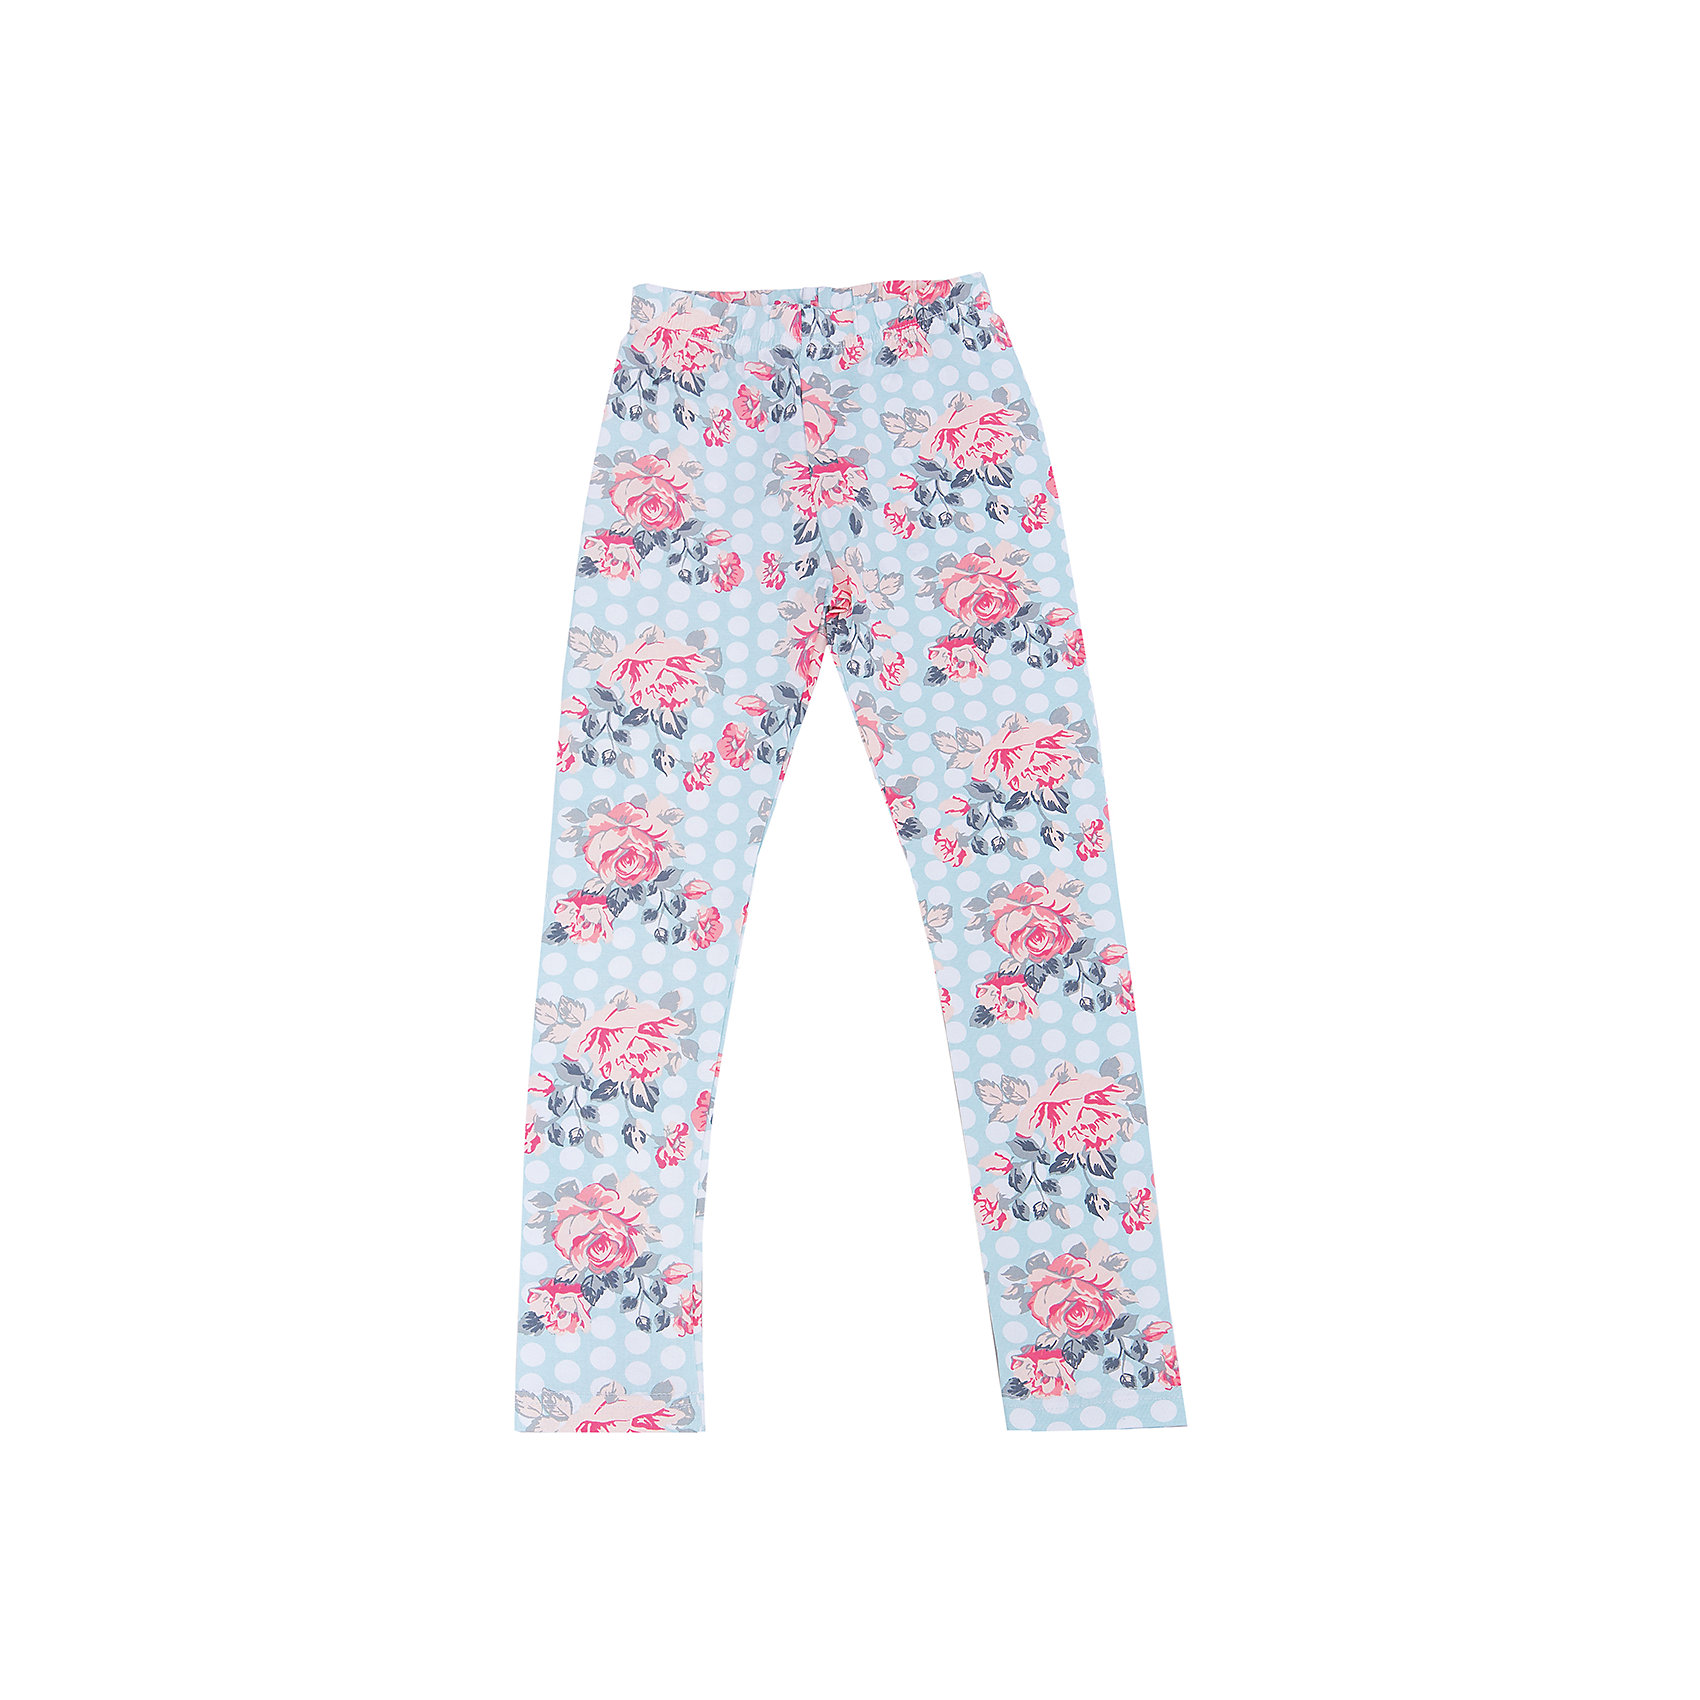 Леггинсы для девочки Sweet BerryЛеггинсы<br>Леггинсы – удобная одежда для дома или занятий спортом. Приятный материал обеспечивает комфорт на протяжении всего времени ношения вещи. Модный принт в цветок– отличительная особенность модели. Пояс выполнен из внутренней резинки. Леггинсы не имеют твердых вставок, поэтому подходят в качестве варианта одежды для сна. Нежный цвет подойдет ко многим детским вещам. Материалы, использованные при изготовлении одежды, полностью безопасны для детей и отвечают всем требованиям по качеству продукции данной категории.<br><br>Дополнительная информация: <br><br>пояс на резинке;<br>модный принт;<br>прямой крой;<br>цвет: голубой;<br>материал: хлопок 95%, эластан 5%.<br><br>Леггинсы для девочки от компании Sweet Berry можно приобрести в нашем магазине.<br><br>Ширина мм: 123<br>Глубина мм: 10<br>Высота мм: 149<br>Вес г: 209<br>Цвет: голубой<br>Возраст от месяцев: 84<br>Возраст до месяцев: 96<br>Пол: Женский<br>Возраст: Детский<br>Размер: 128,98,104,110,116,122<br>SKU: 4931953